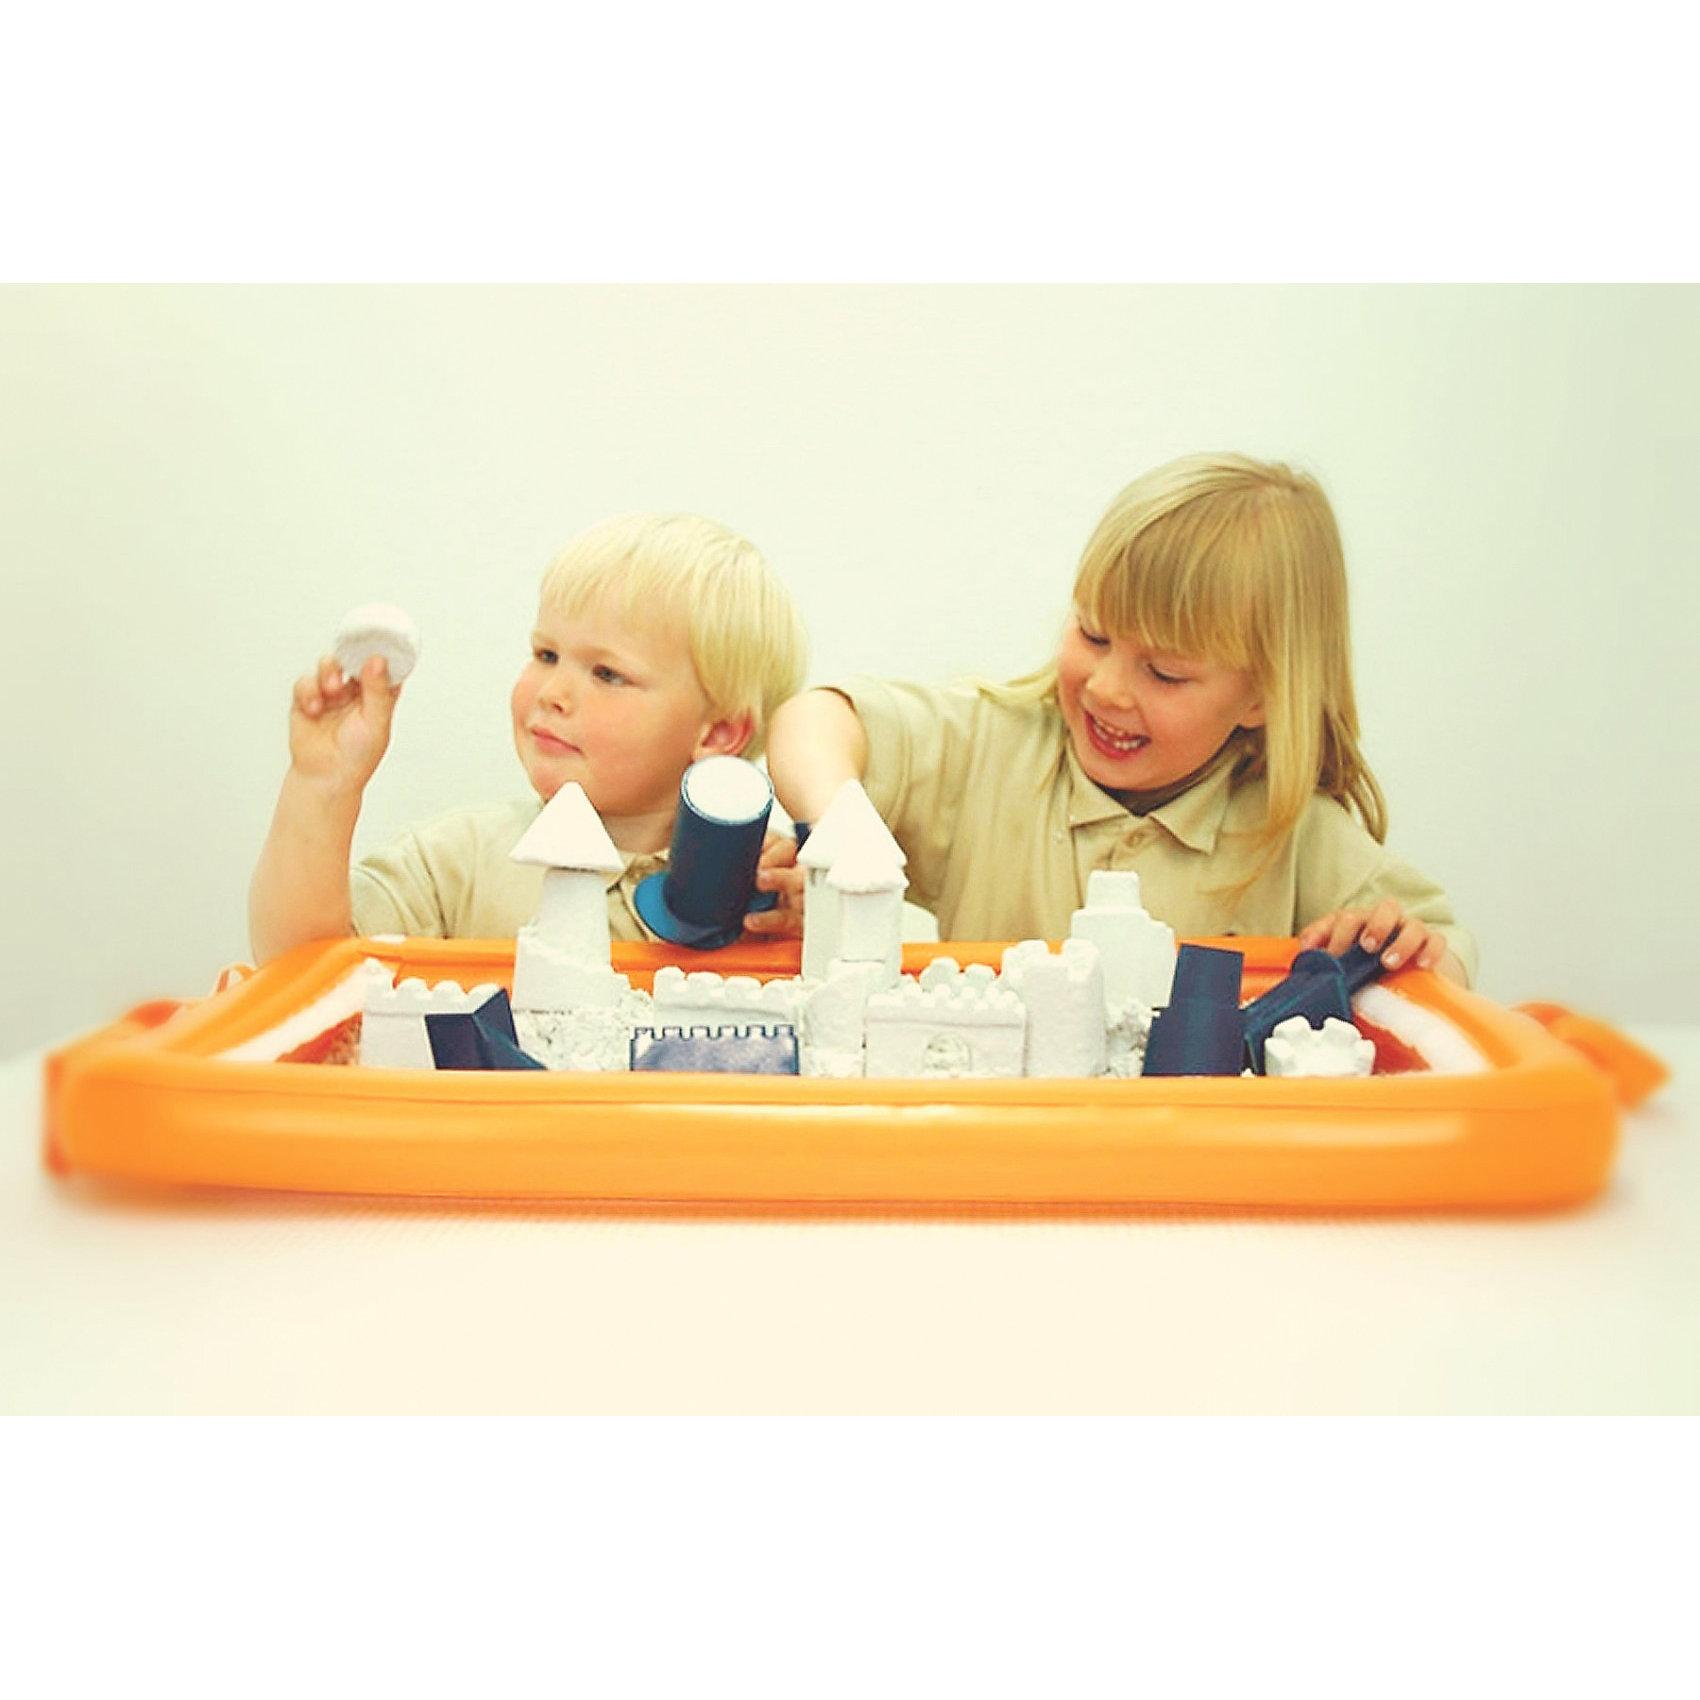 Надувная песочница закрывающаяся, WABA FUNЯркая надувная песочница от Waba Fun позволит Вашему ребенку наслаждаться любимыми играми и творчеством в любое время года. Песочницу можно использовать как на улице так и в помещении, она хорошо подойдет для игры с любыми сыпучими смесями.<br><br>Песочница оснащена закрывающейся крышкой на липучке, которая предохранит песок от загрязнений и проникновения домашних животных. Высокие бортики  защищают от рассыпания песка и смесей во время игры. Имеются удобные ручки для переноски. <br><br>Надувную песочницу можно использовать не только для игр, но и для хранения песка Kinetic Sand и смеси для лепки Bubber.<br><br>Дополнительная информация:<br><br>- Материал: ПВХ.<br>- Размер песочницы: 80 х 47 х 7 см. <br>- Размер упаковки: 28 х 20 х 7 см. <br>- Вес: 0,45 кг.<br>- Песок в комплект не входит<br><br>Надувную песочницу Waba Fun можно купить в нашем интернет-магазине.<br><br>Ширина мм: 200<br>Глубина мм: 65<br>Высота мм: 190<br>Вес г: 300<br>Возраст от месяцев: 36<br>Возраст до месяцев: 84<br>Пол: Унисекс<br>Возраст: Детский<br>SKU: 3571632